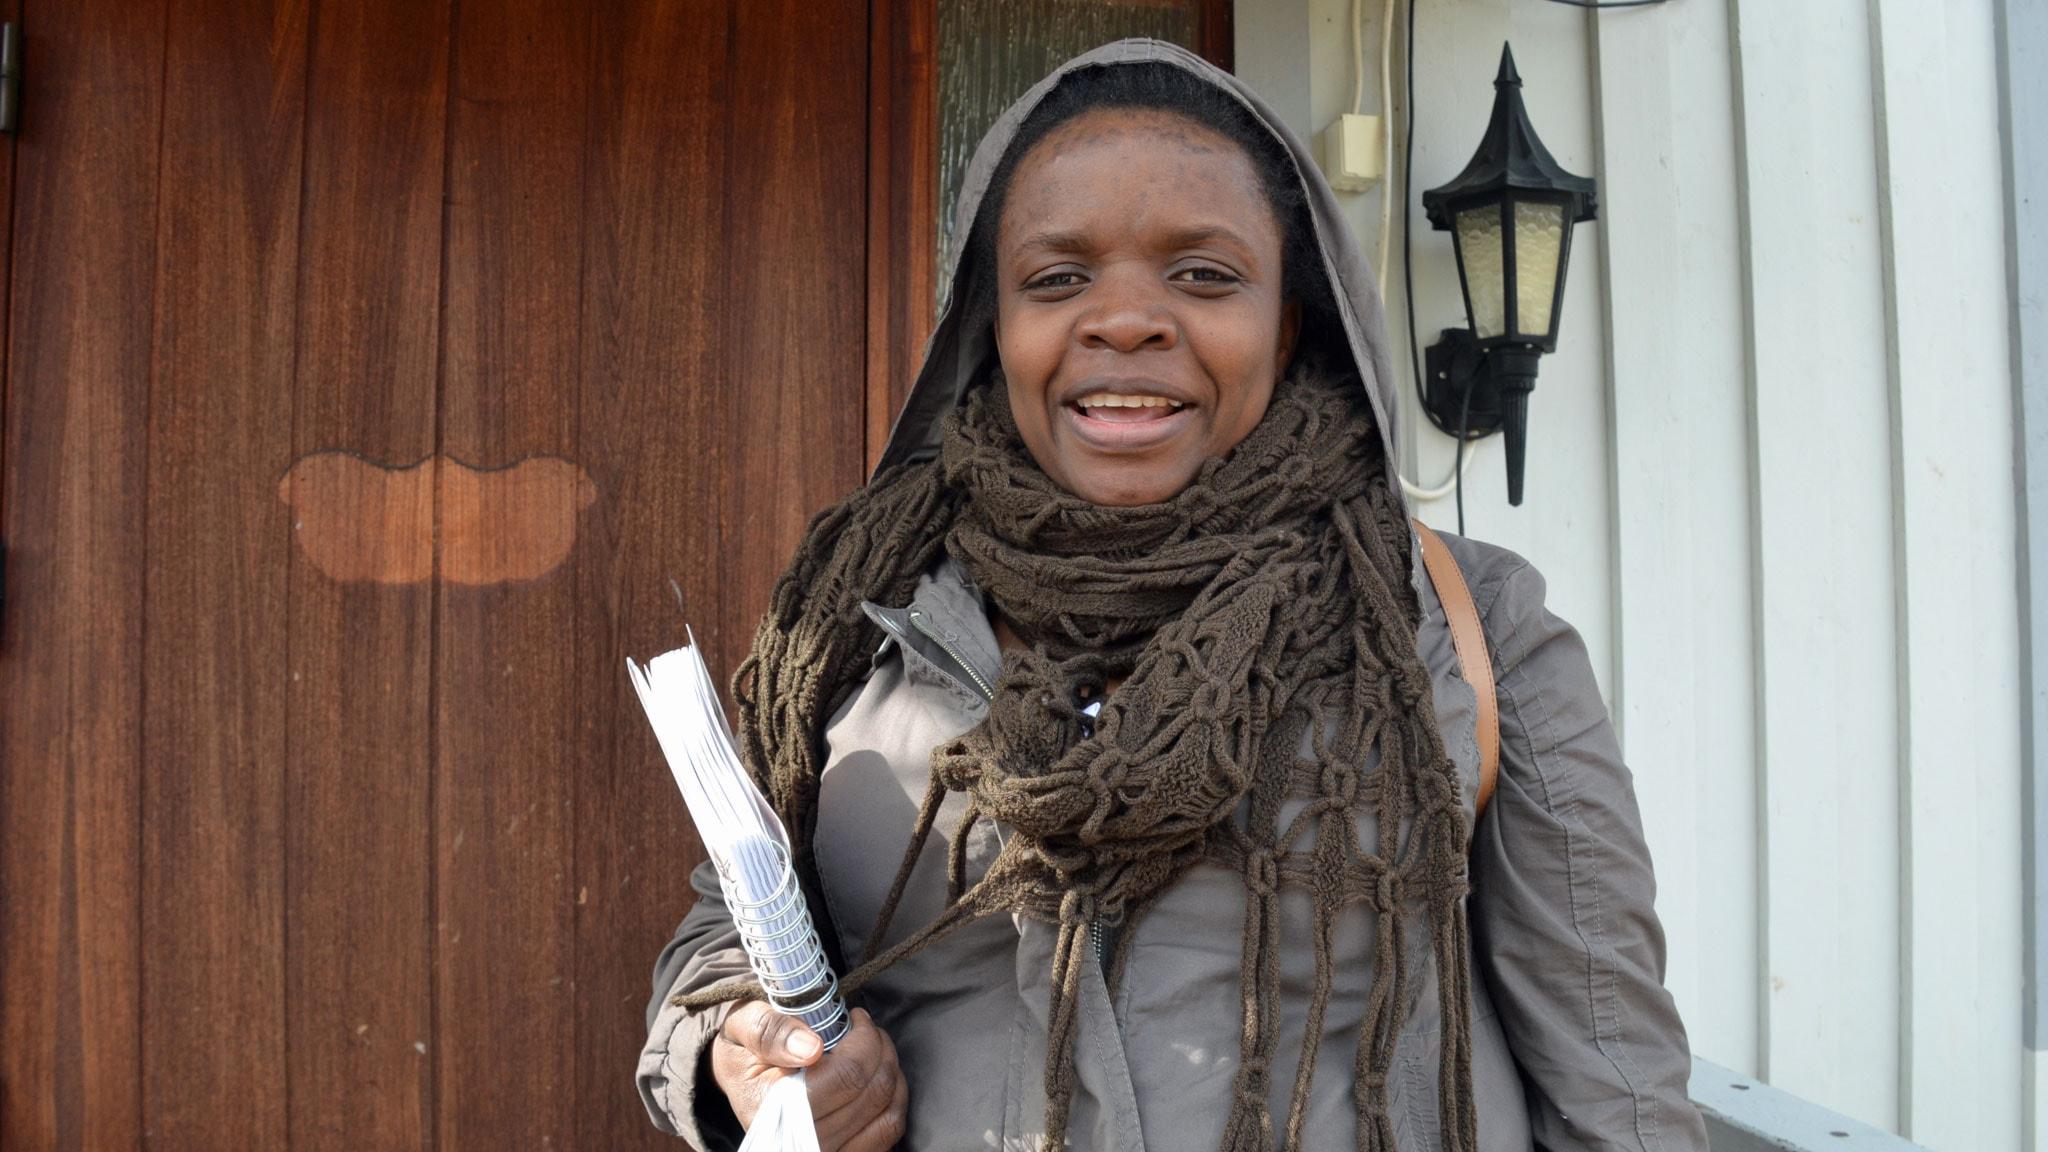 Maronga Furaha utanför sitt hem i Bureå. Foto: Gunilla Nordlund/ Sveriges Radio